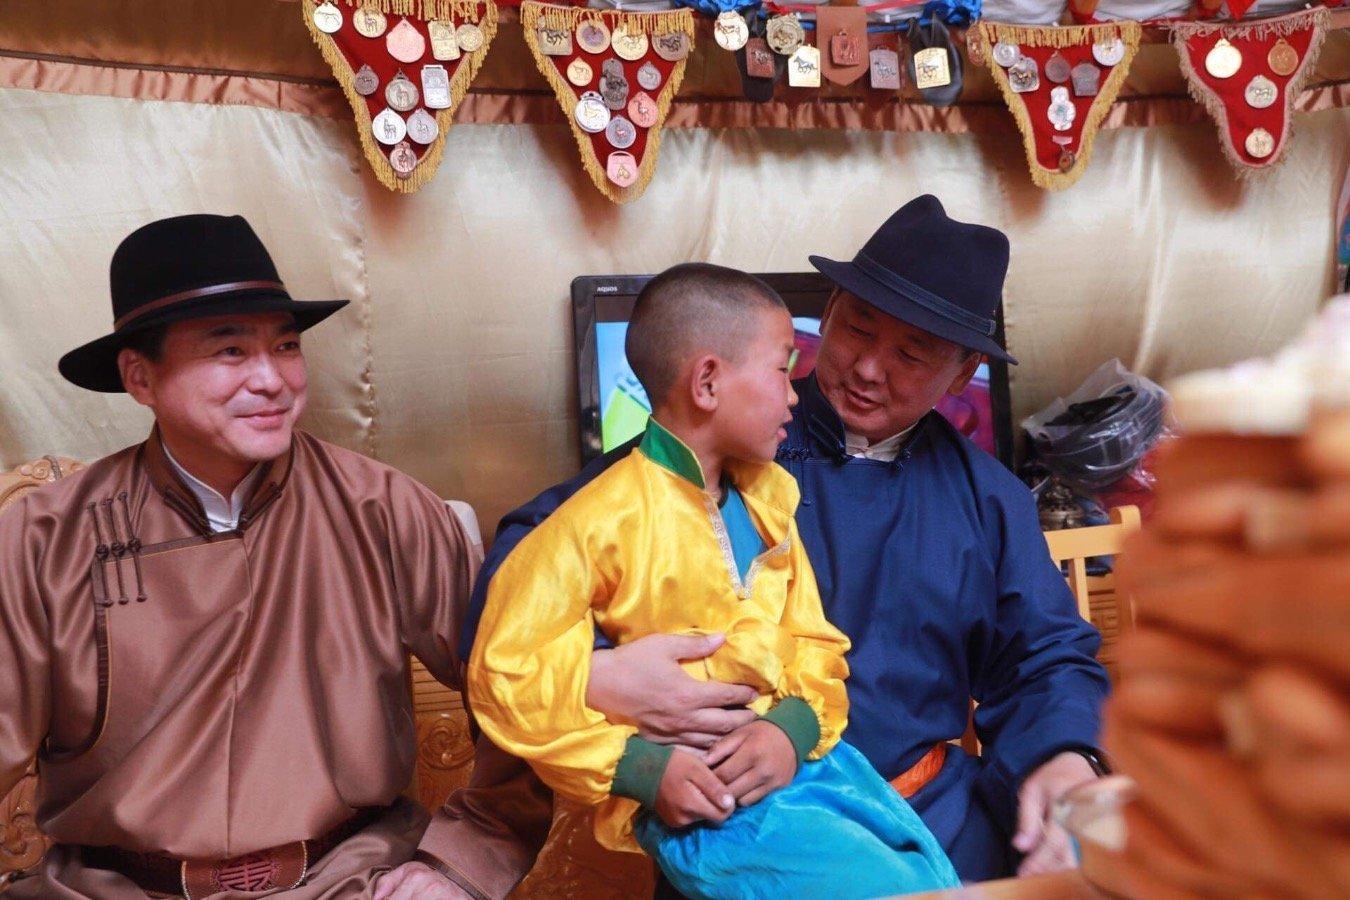 Монгол Улсын Ерөнхий сайд У.Хүрэлсүх соёолонгийн түрүү авсан галаар зочлов